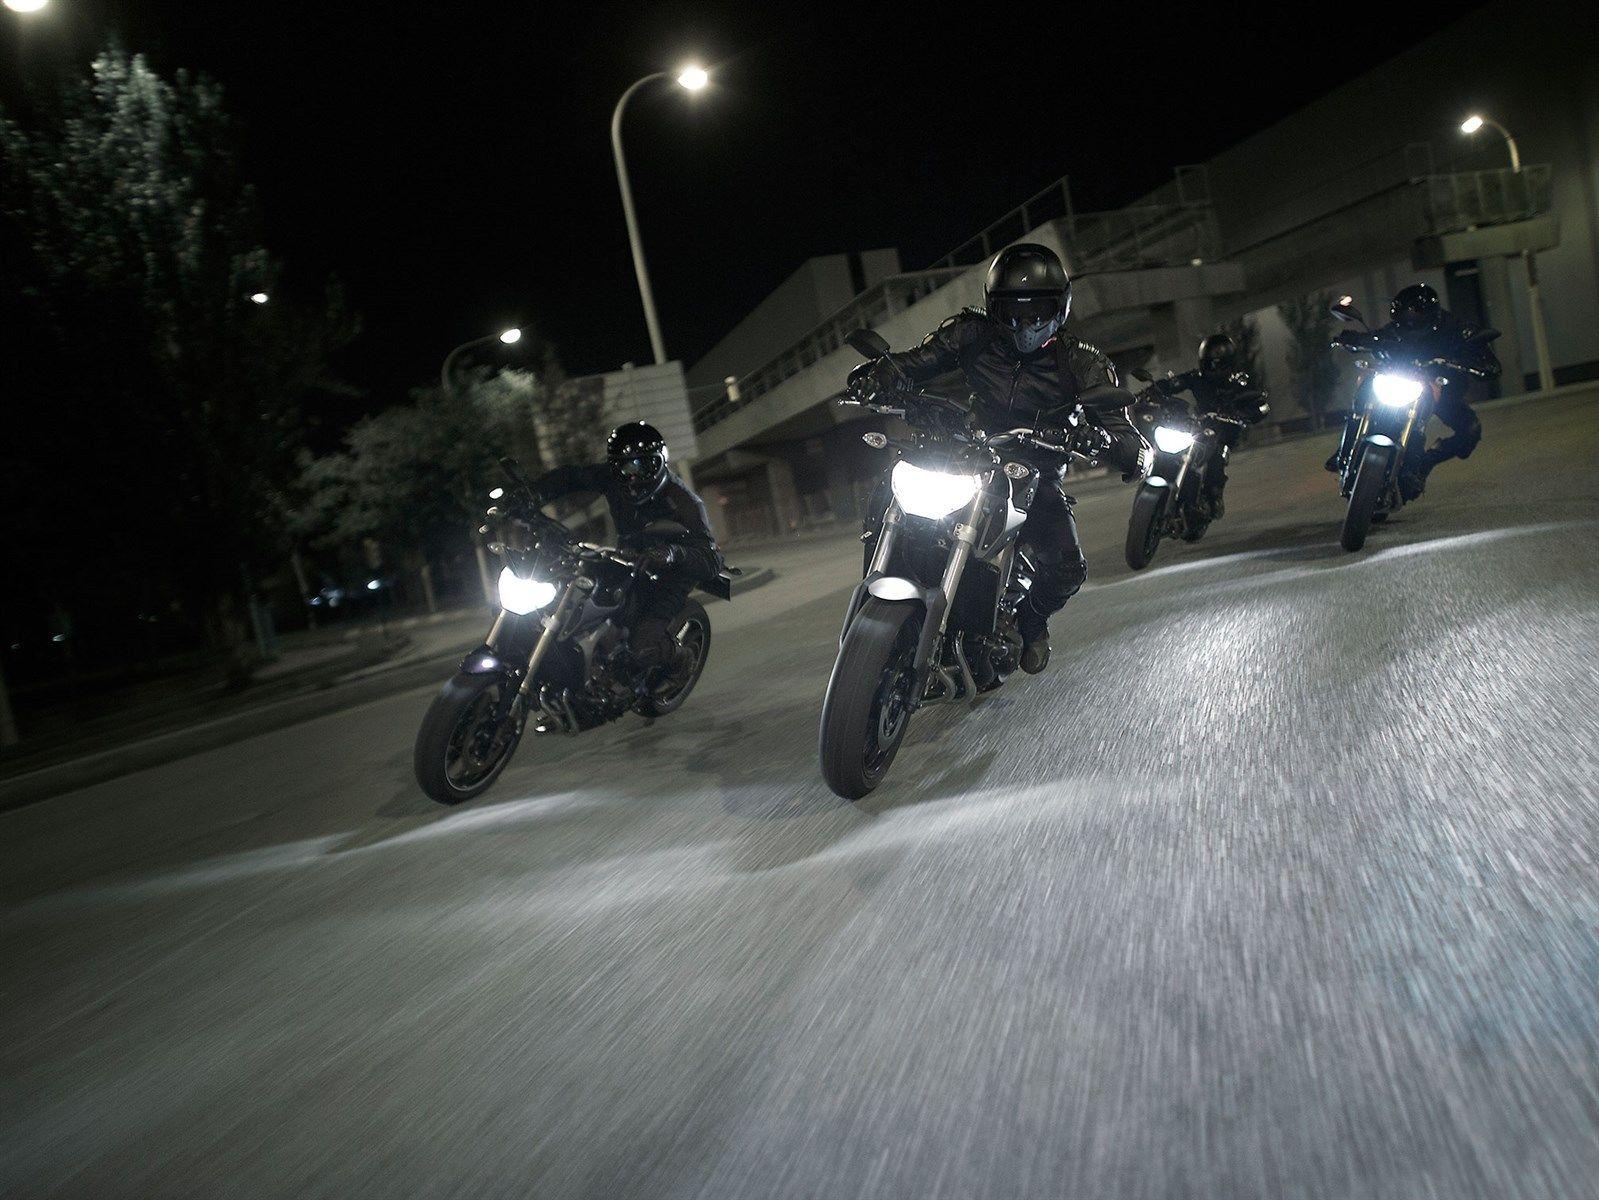 ampoules effet xenon pour moto toute SMV 750 ABS  (SMC00)